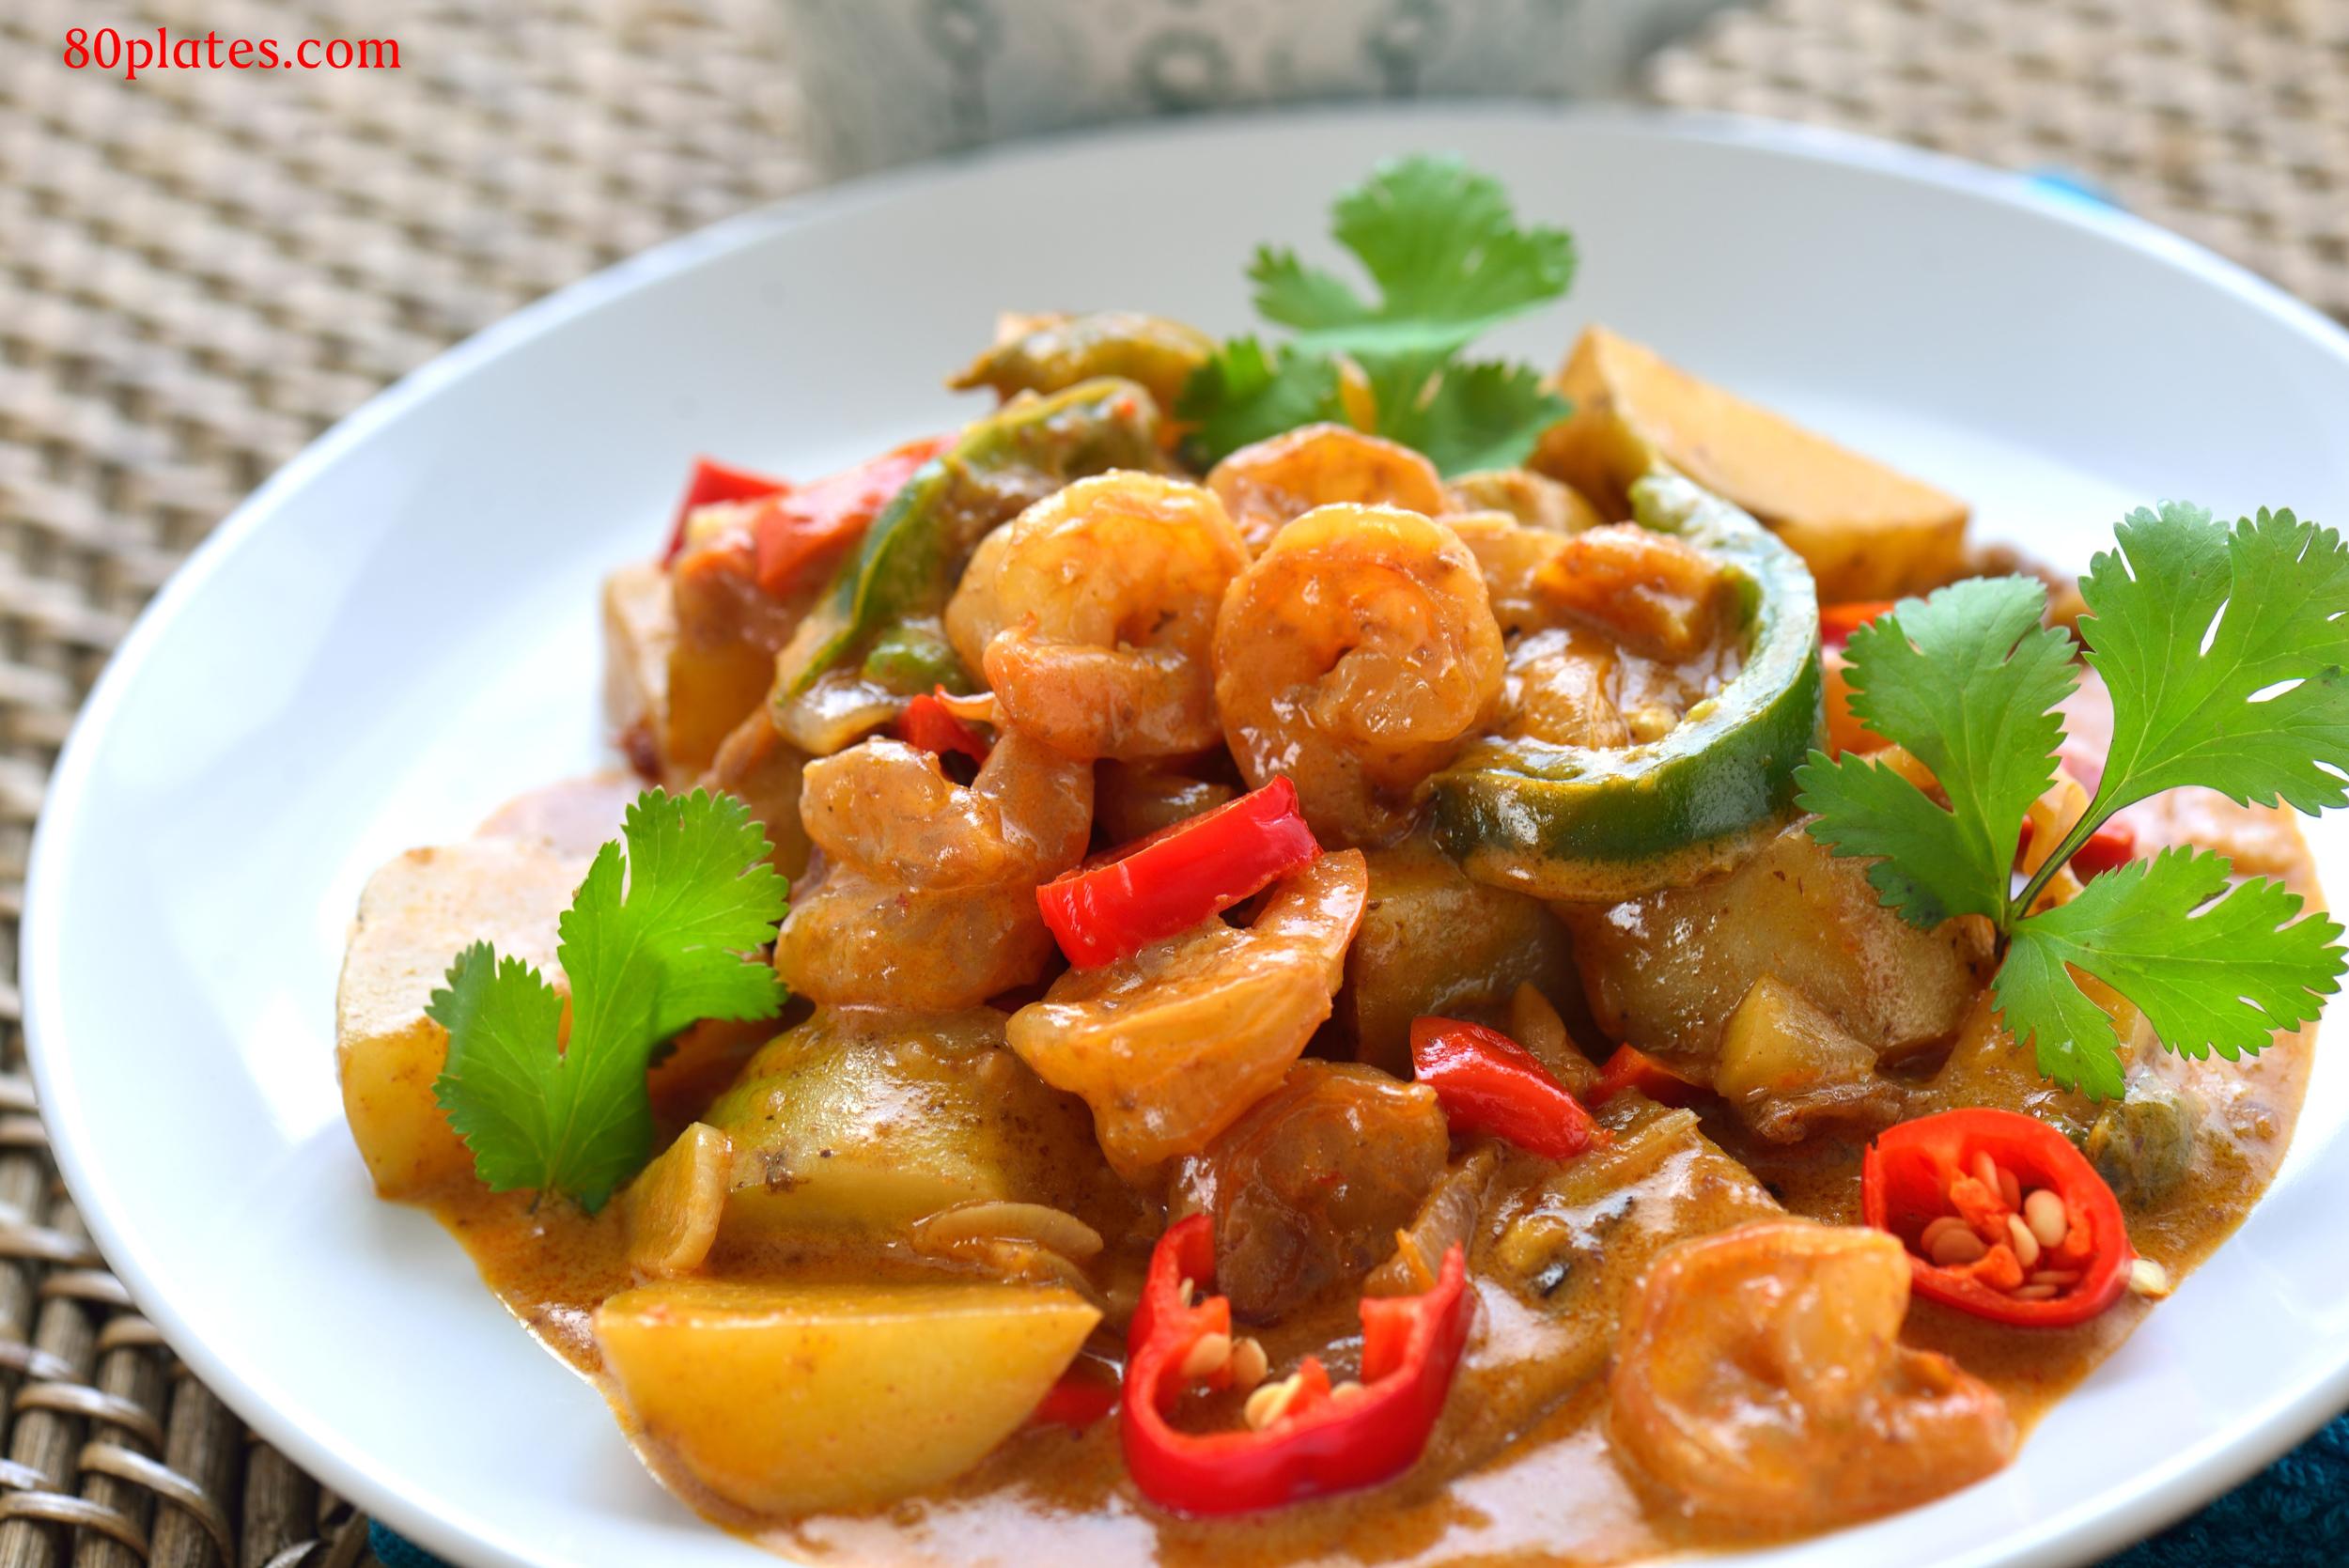 Indonesia - Sambal Goreng Udang (Spicy Stirfried Shrimp)